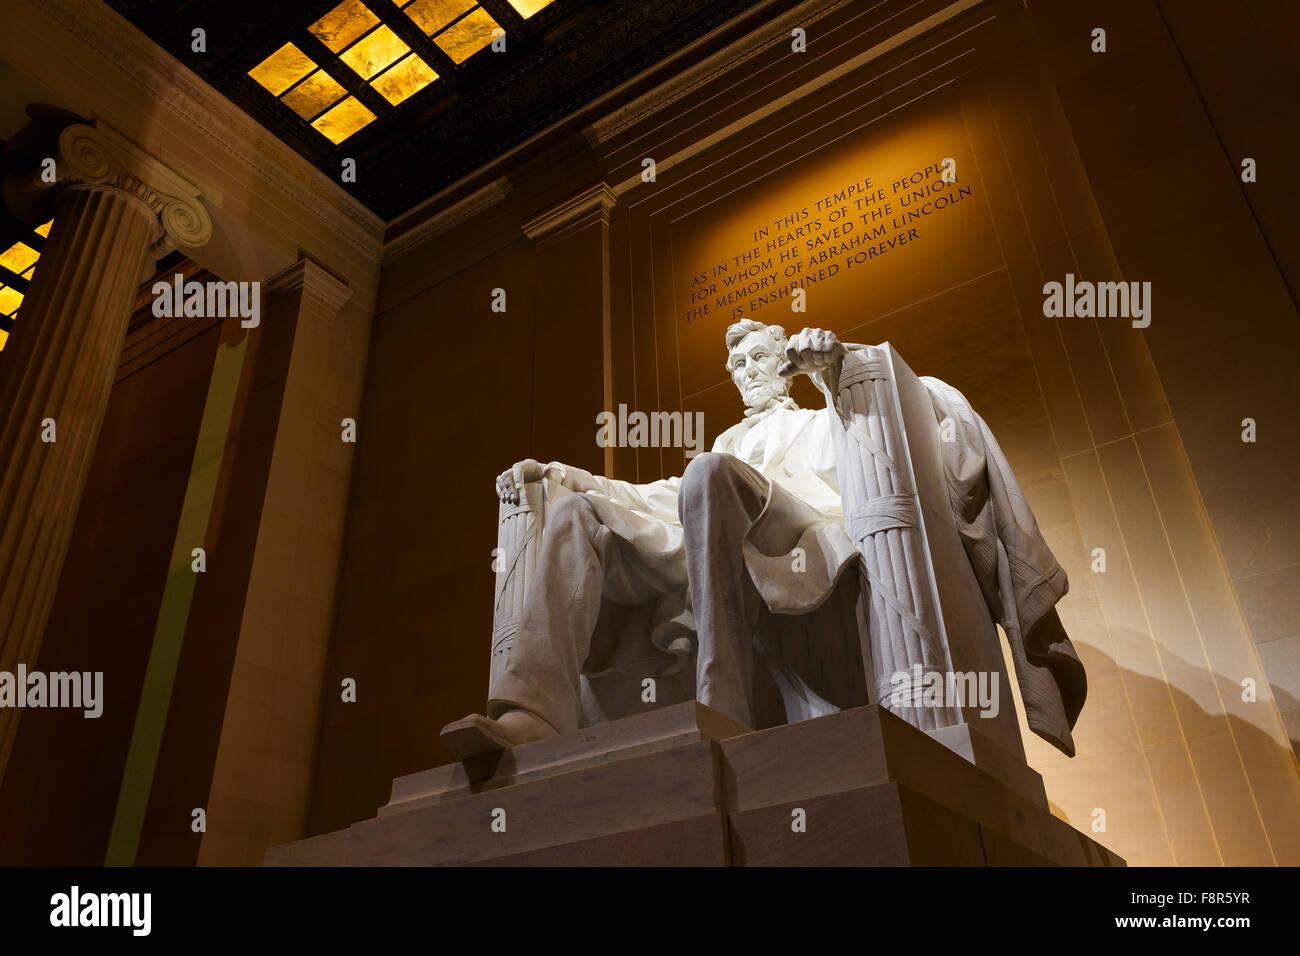 Lincoln Memorial iluminado en la noche en Washington D.C. Imagen De Stock